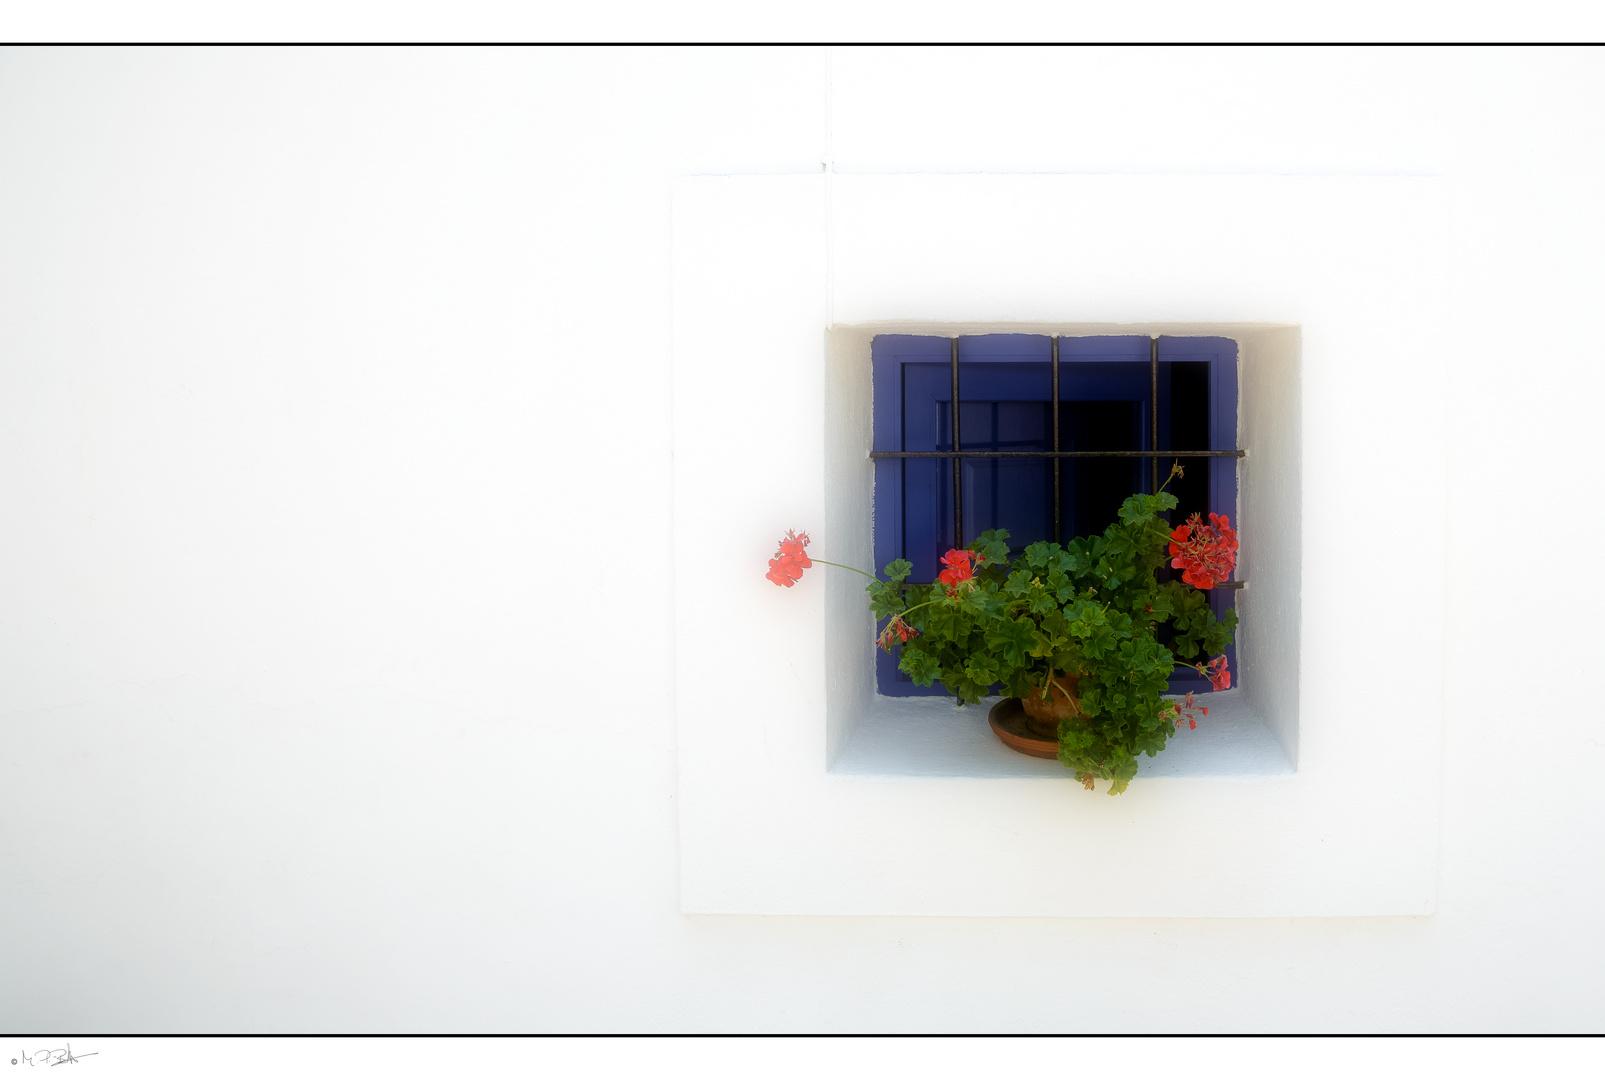 St. Agnés, Ibiza